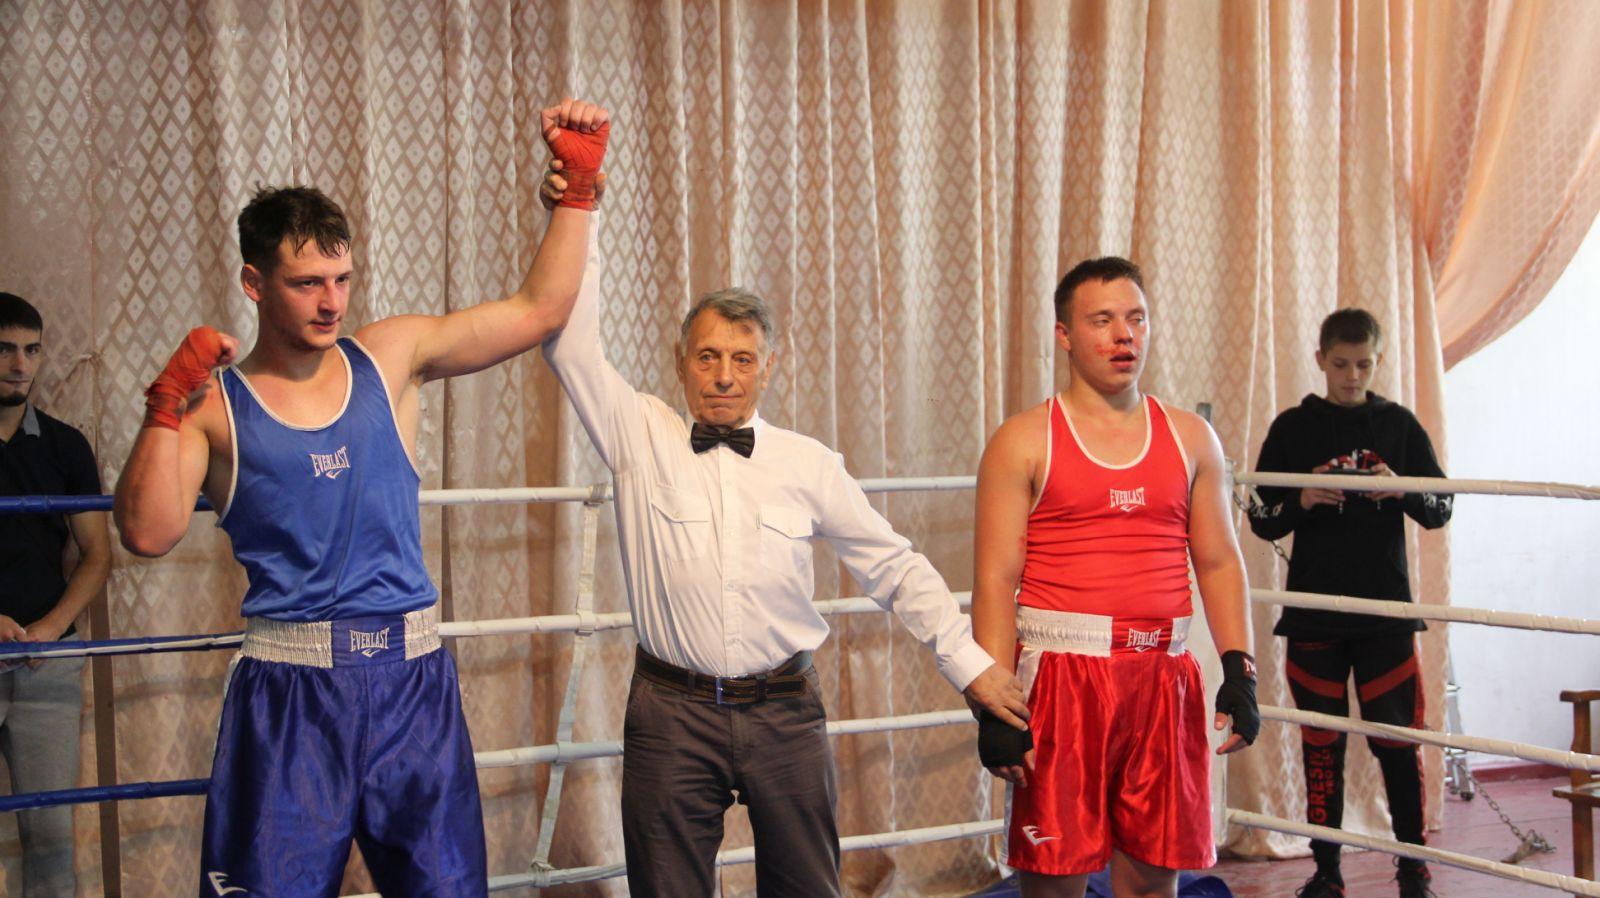 На турнир по боксу в Люботине собрались 70 спортсменов от юношей до тяжеловесов (фото)